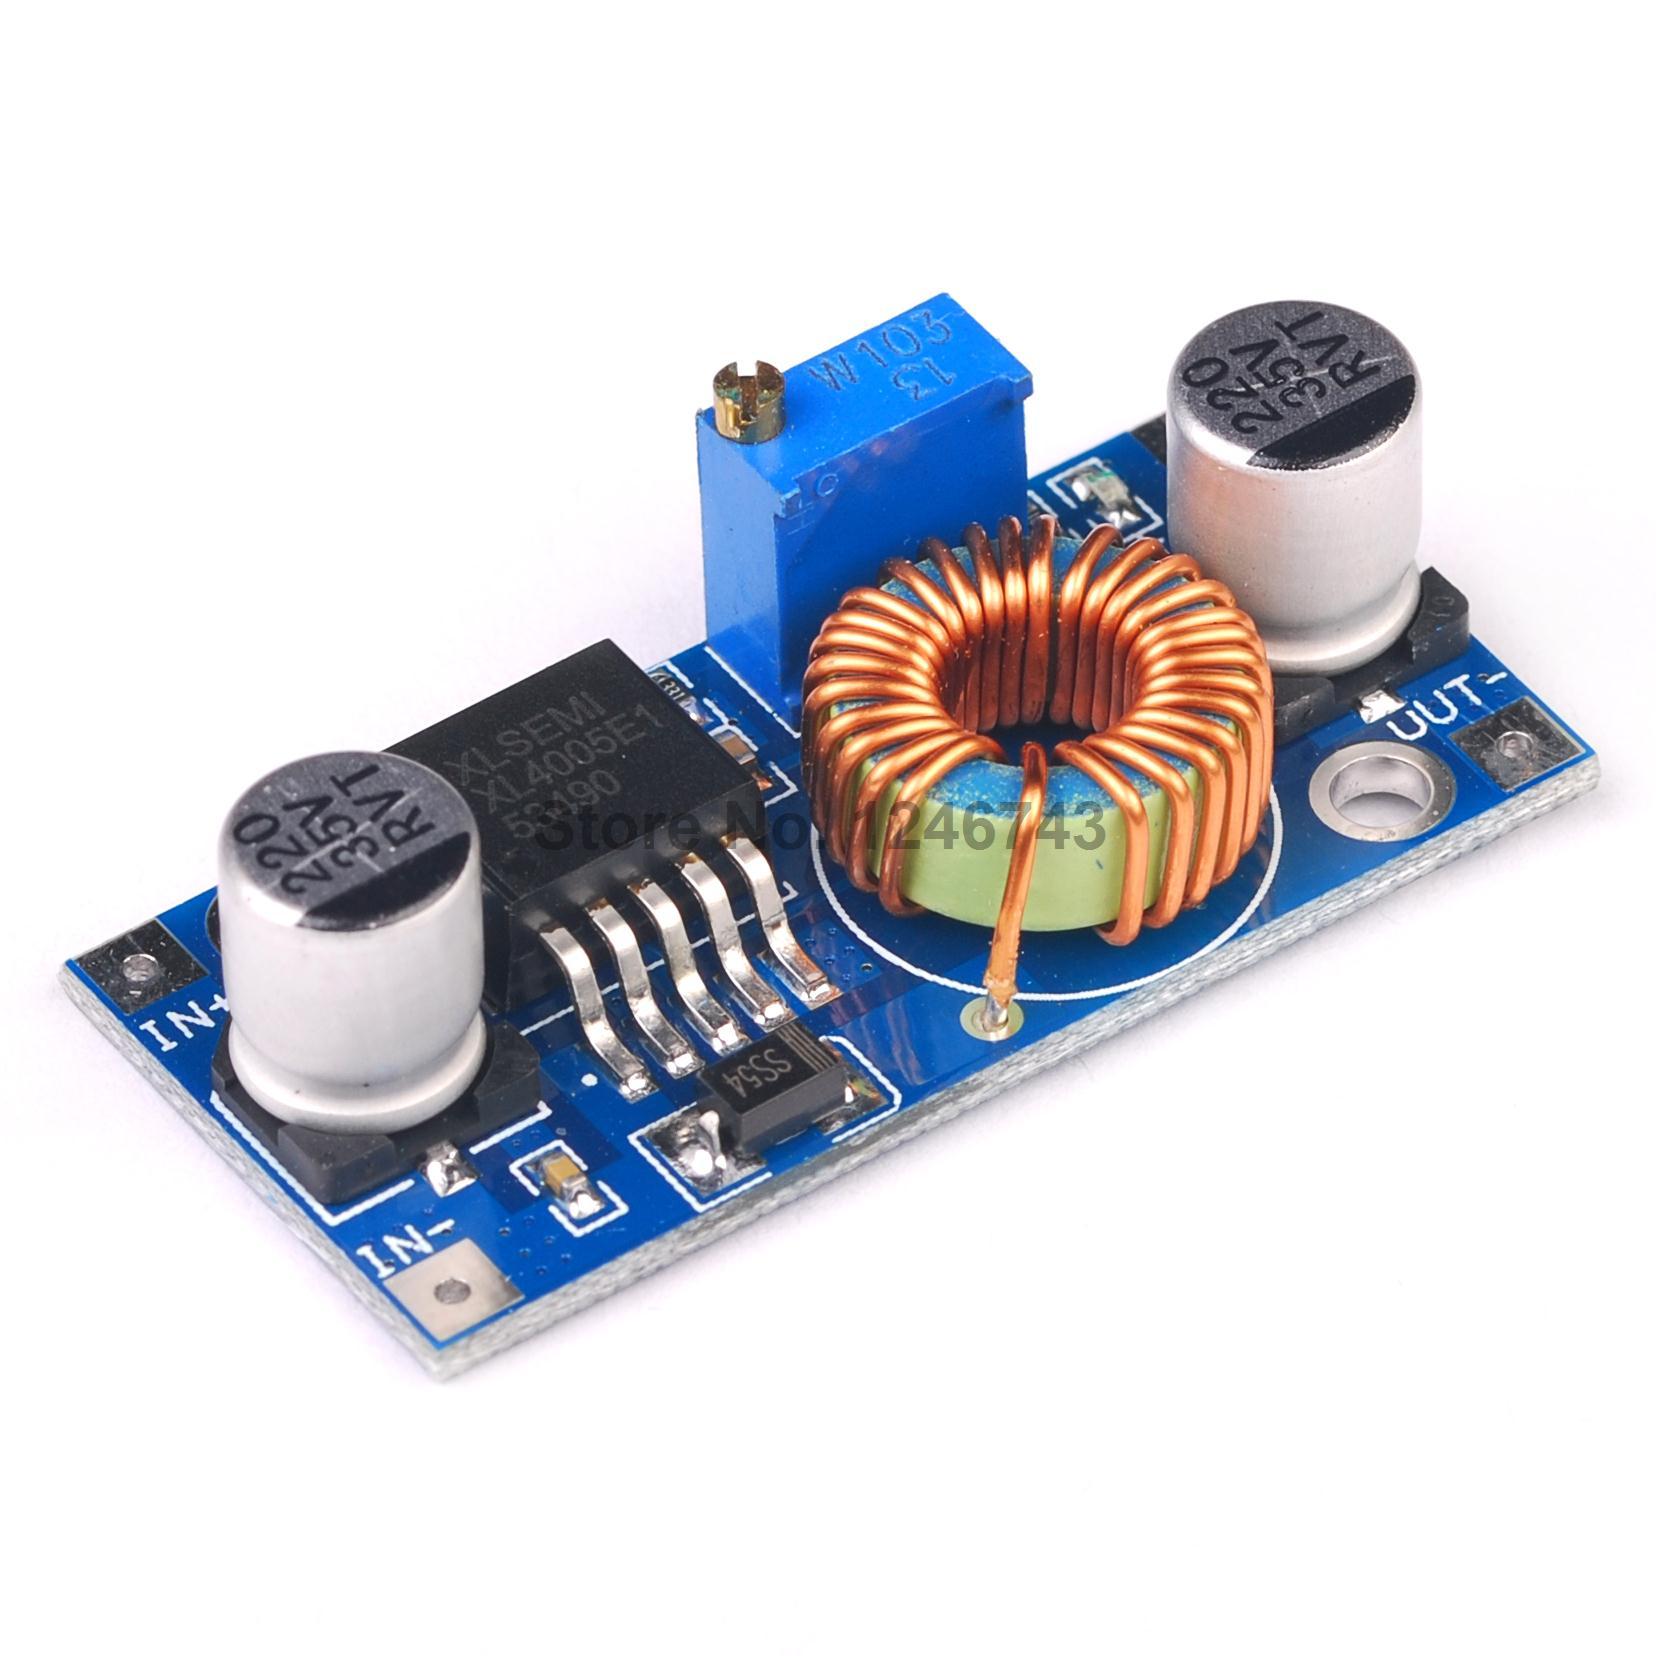 Verarbeitung Initiative 1 Stücke Xl4005 Dsn5000 Über Lm2596 Dc-dc Einstellbare Schritt-down Power Supply Module 5a Hohe Strom In High Power Exquisite